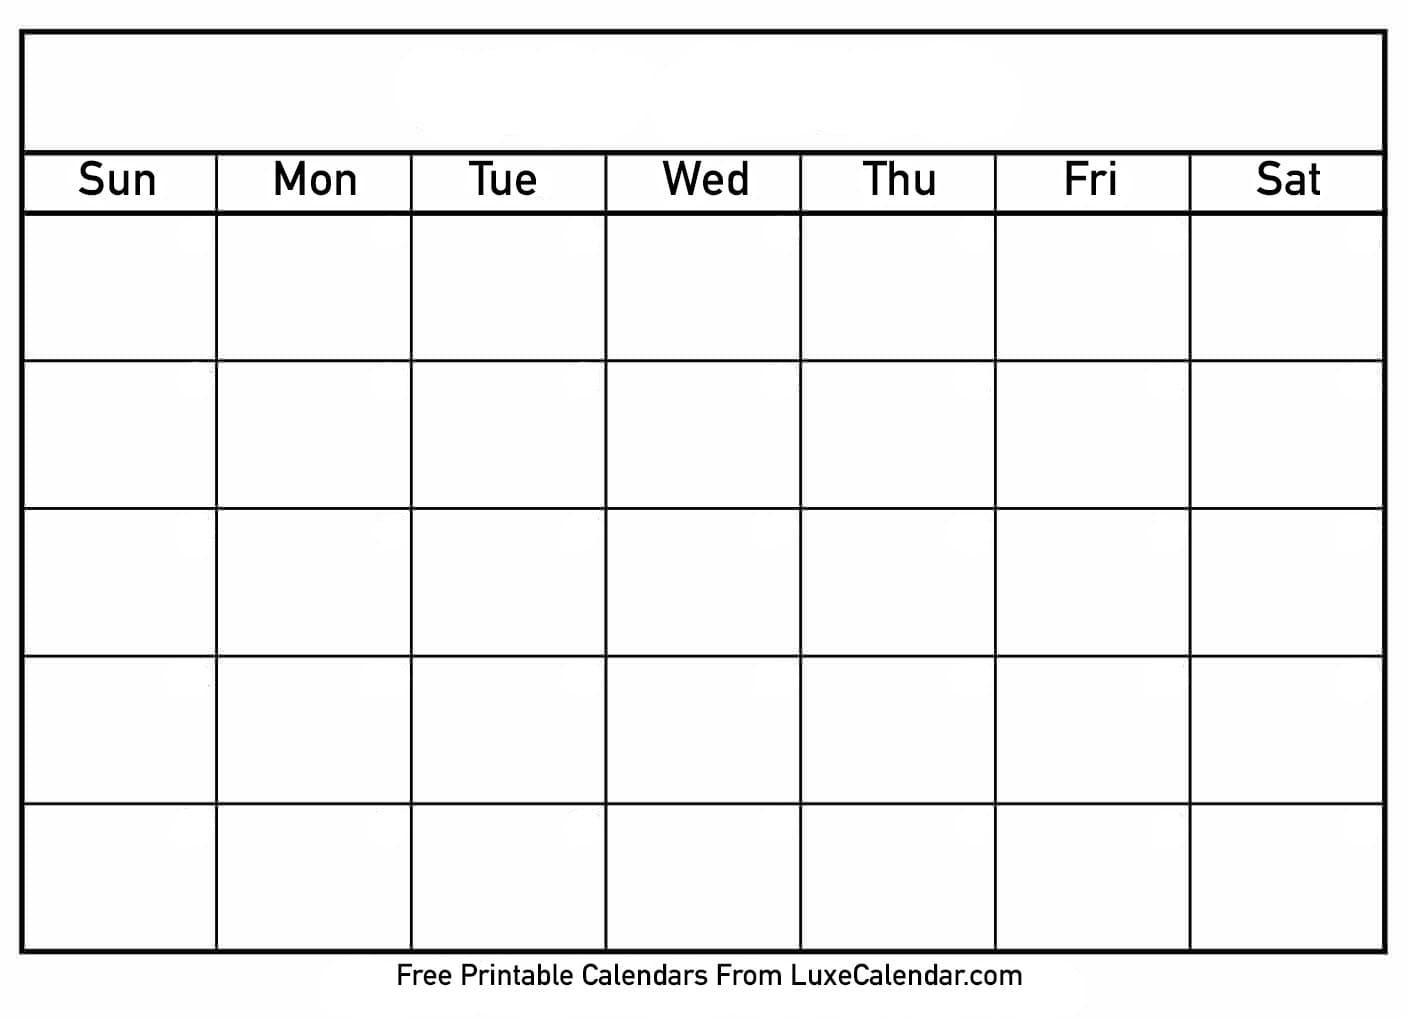 Blank Printable Calendar - Luxe Calendar pertaining to Free Printable Blank Calendars To Fill In